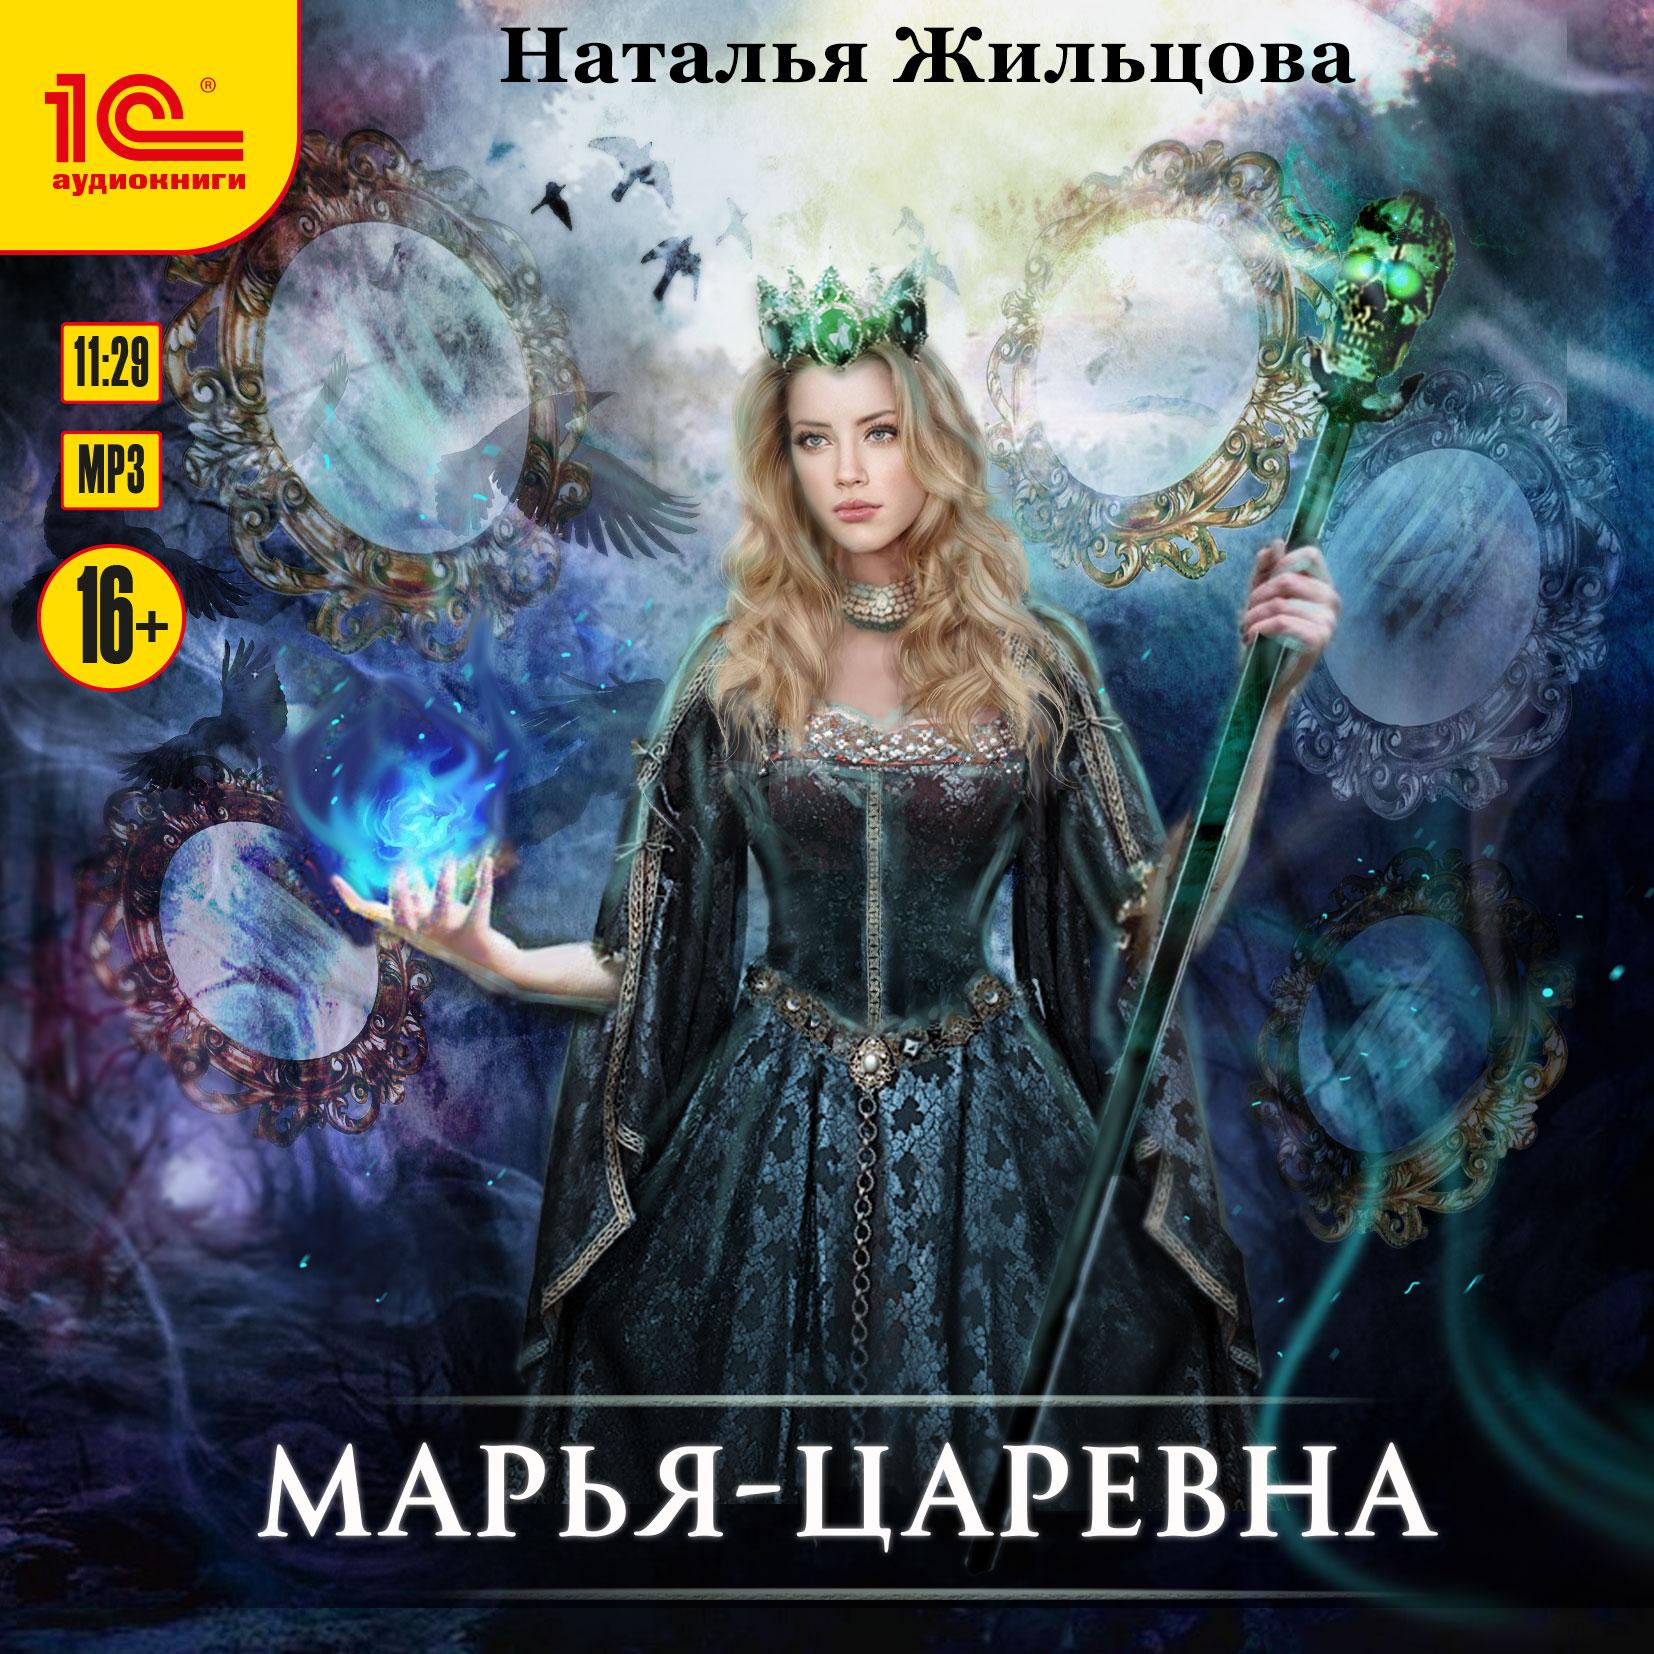 Наталья Жильцова Марья-Царевна (цифровая версия) (Цифровая версия)